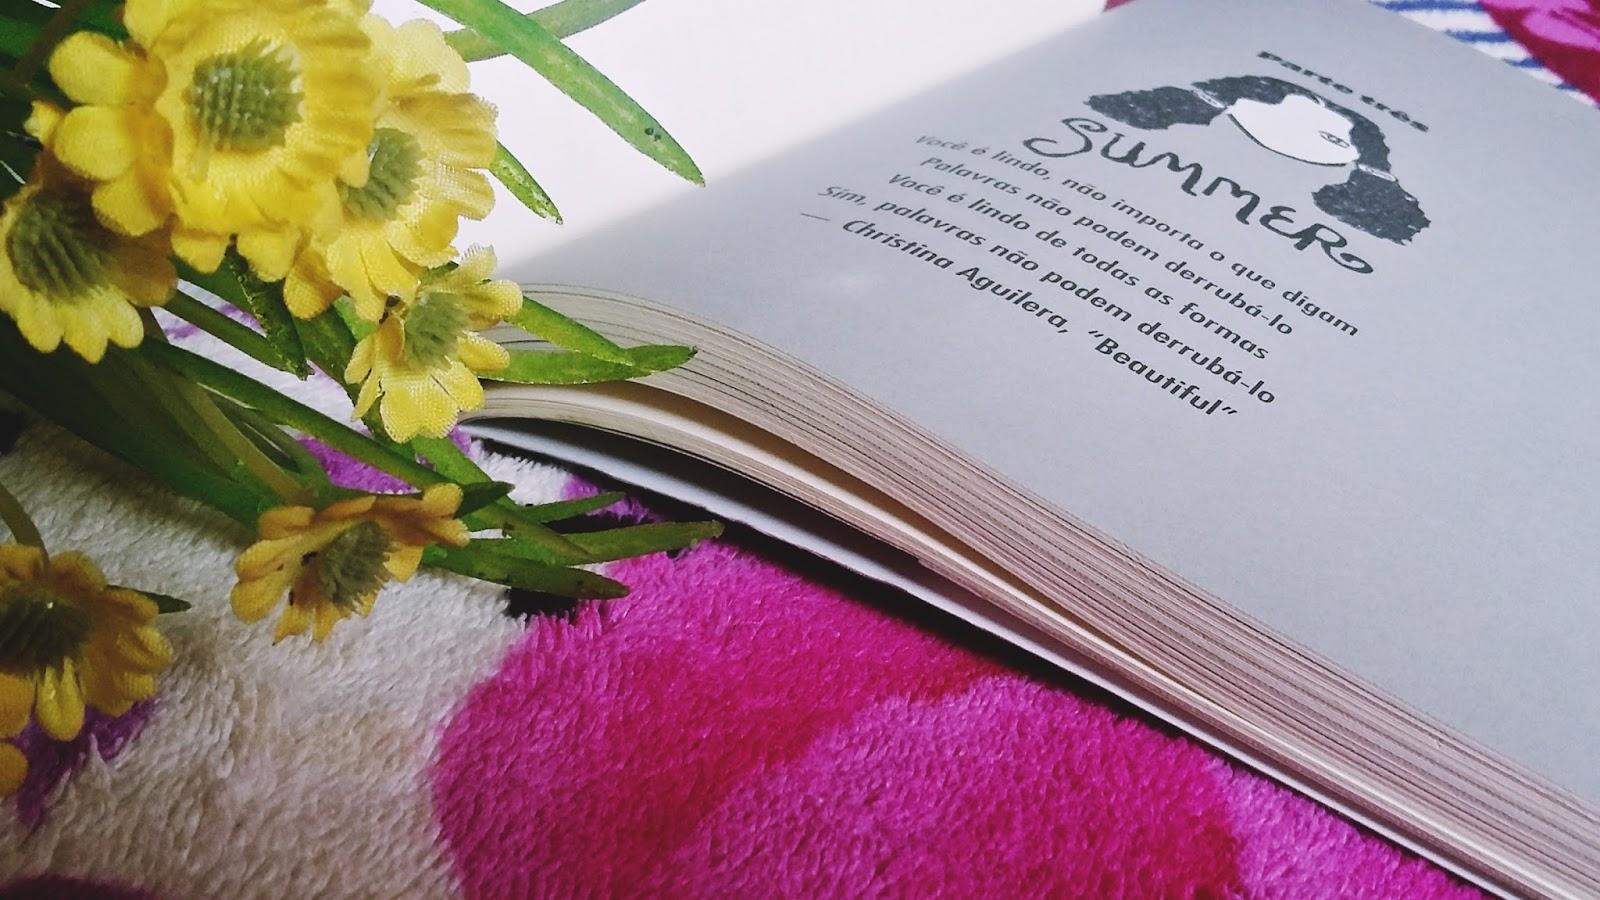 Resenha do livro Extraordinário